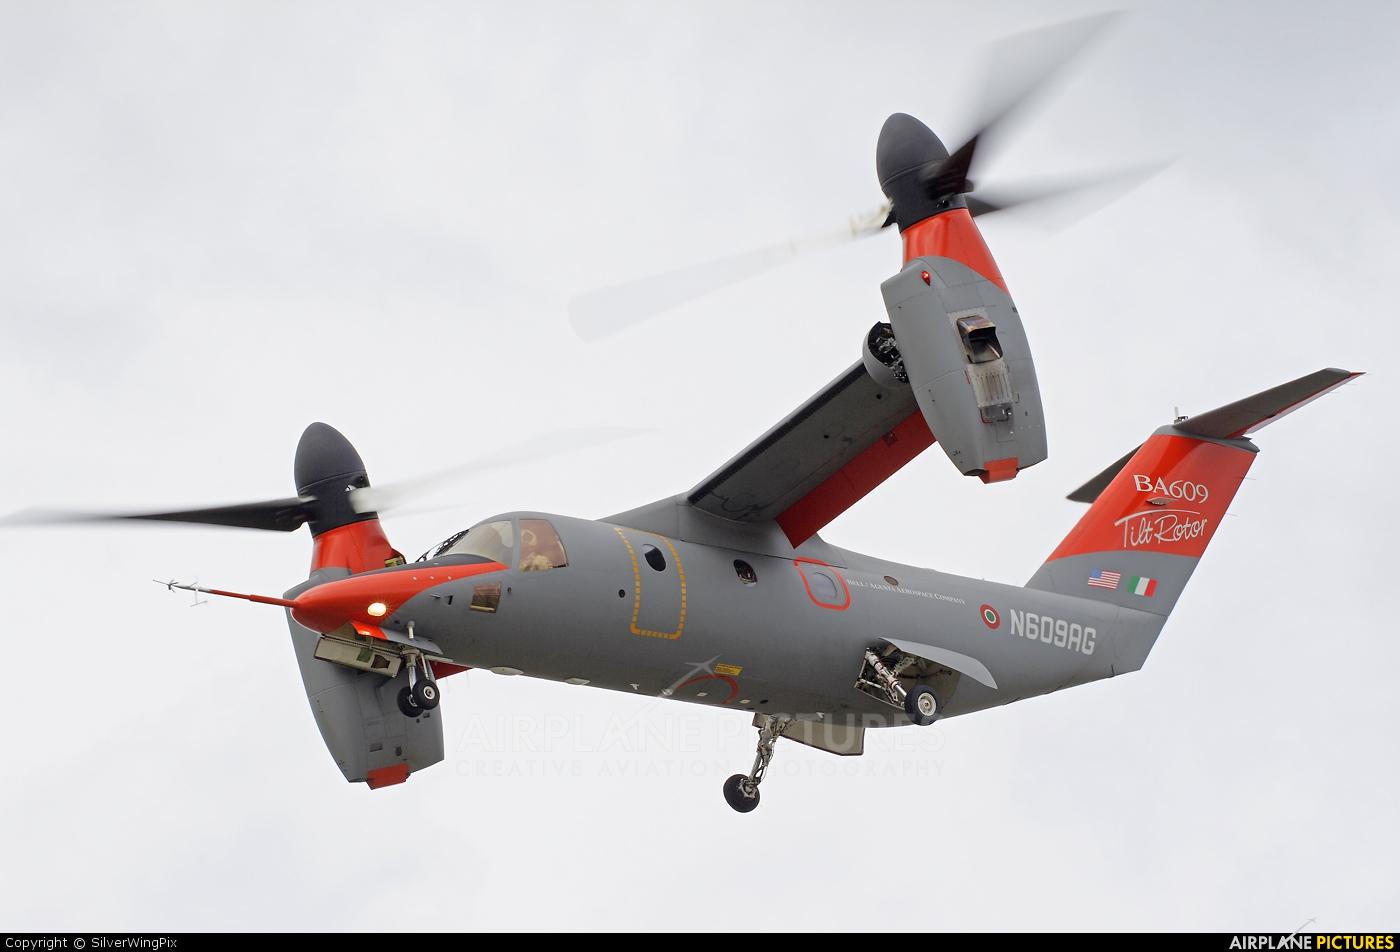 Bell/Agusta Aerospace N609AG aircraft at Farnborough